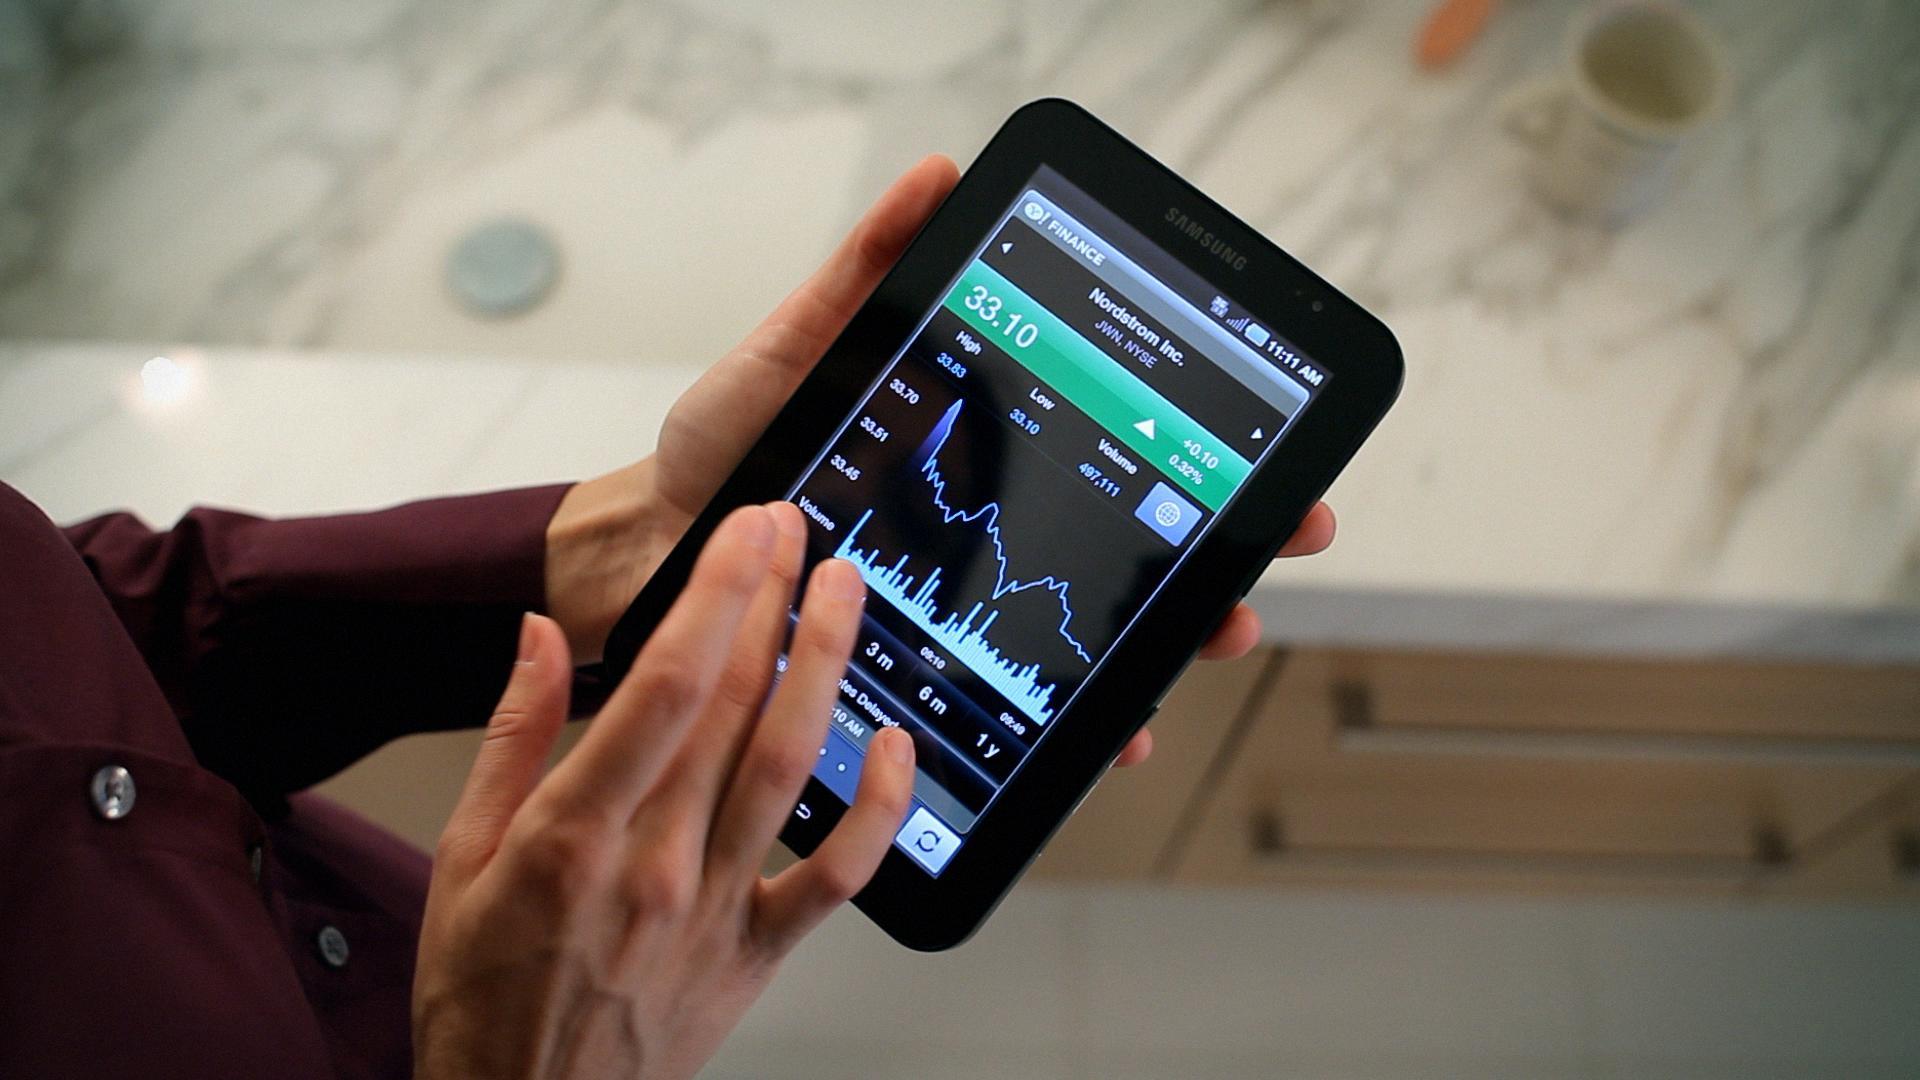 Thomson Reuters diseñara aplicaciones de software más seguras